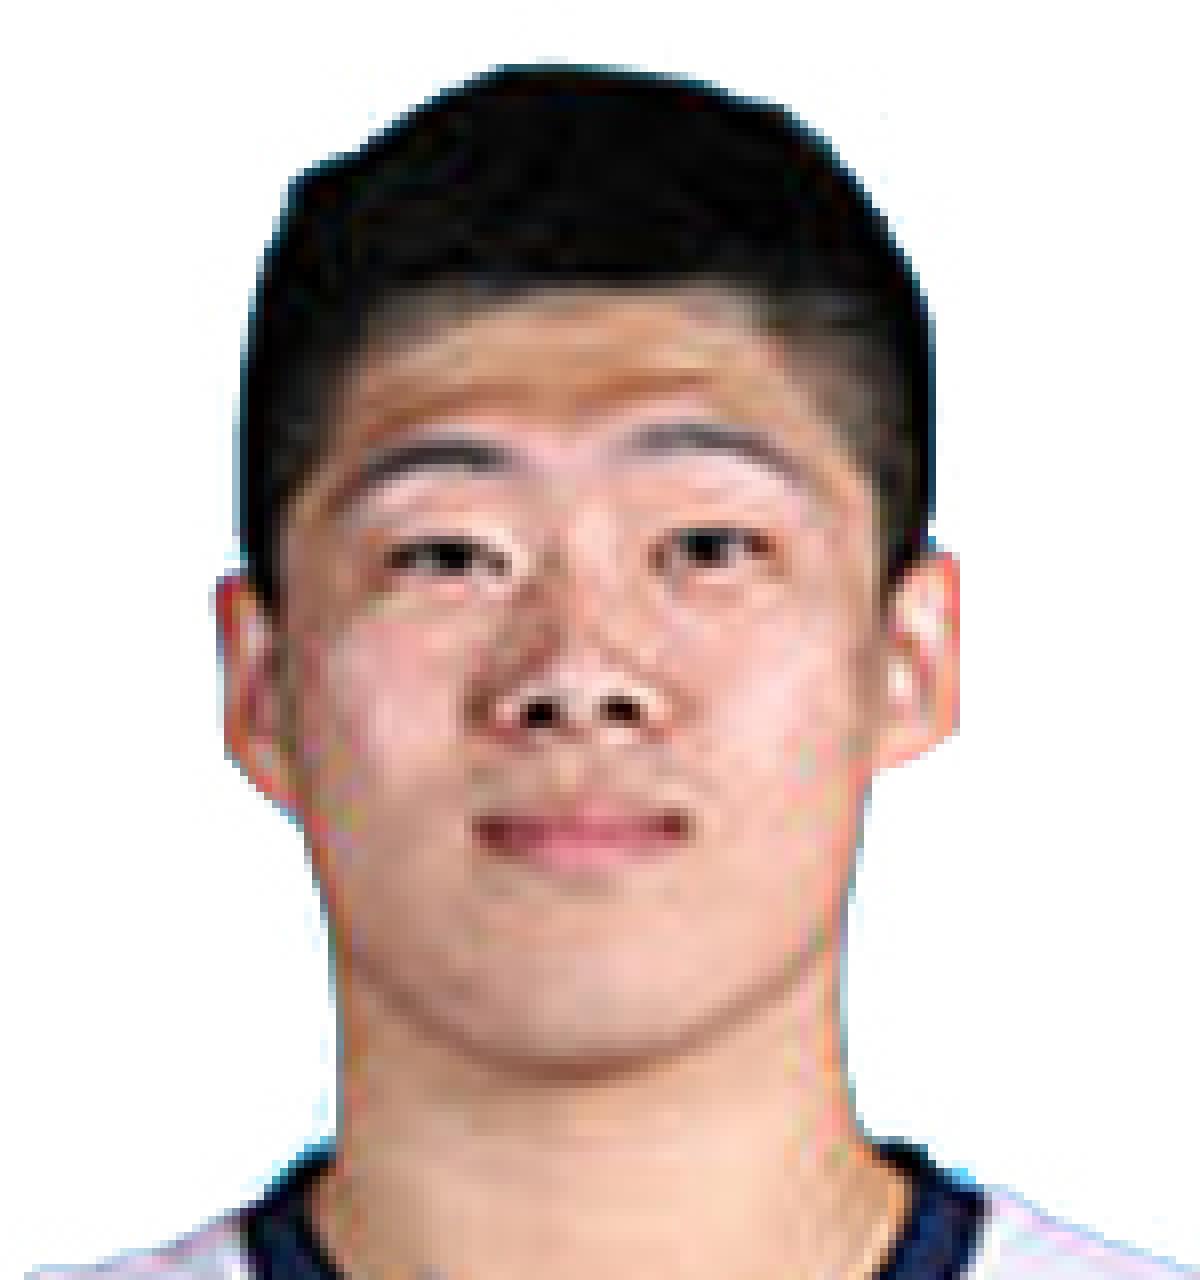 Li Jiayi